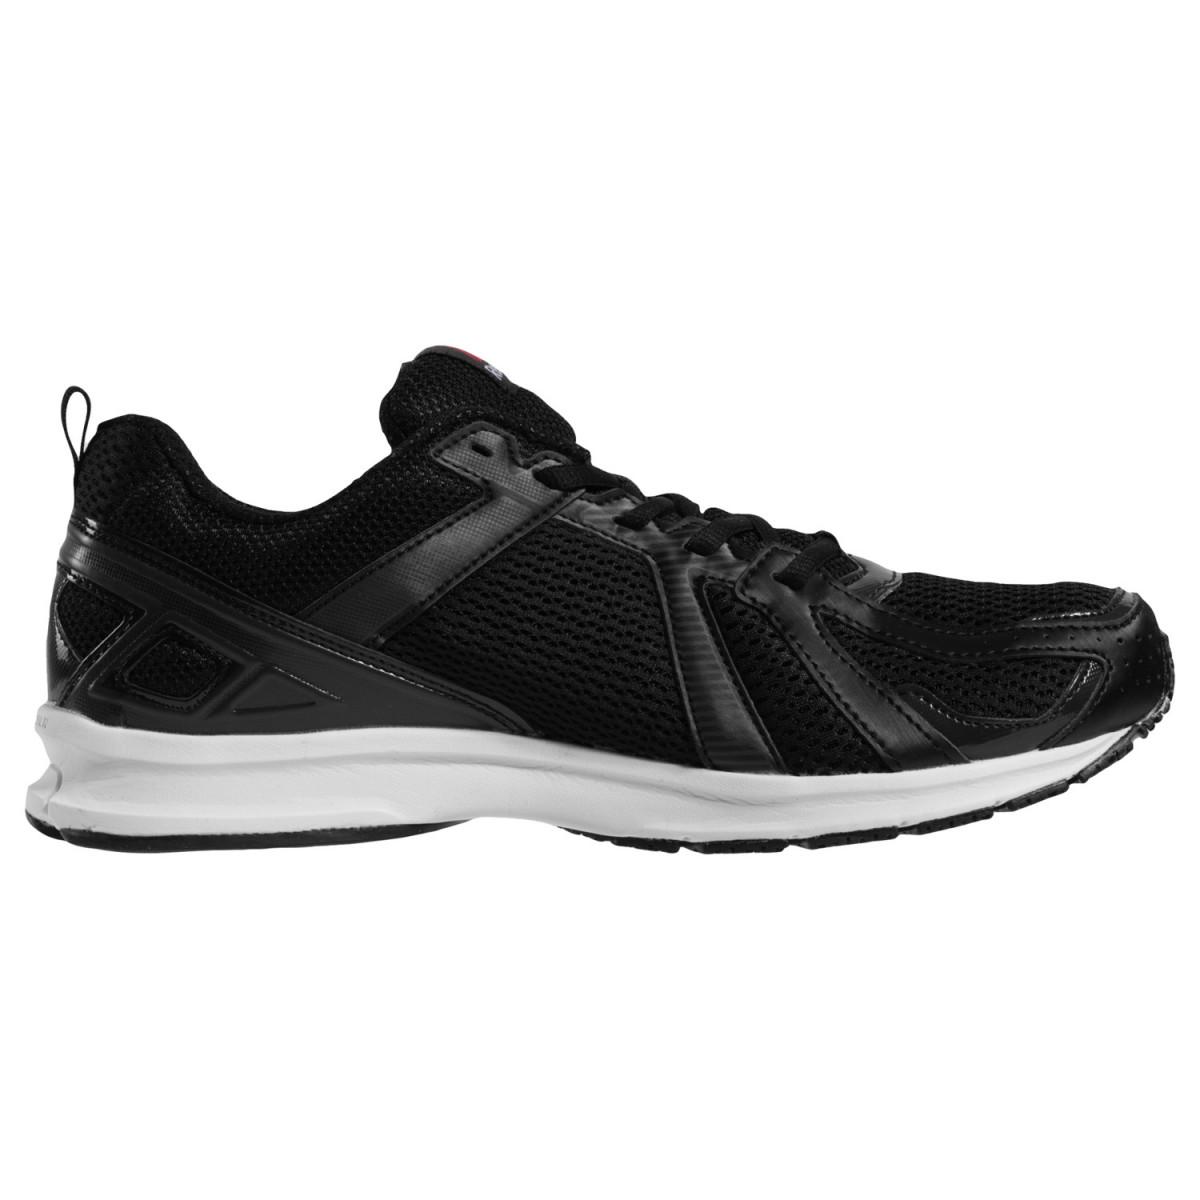 Zapatillas Reebok Runner